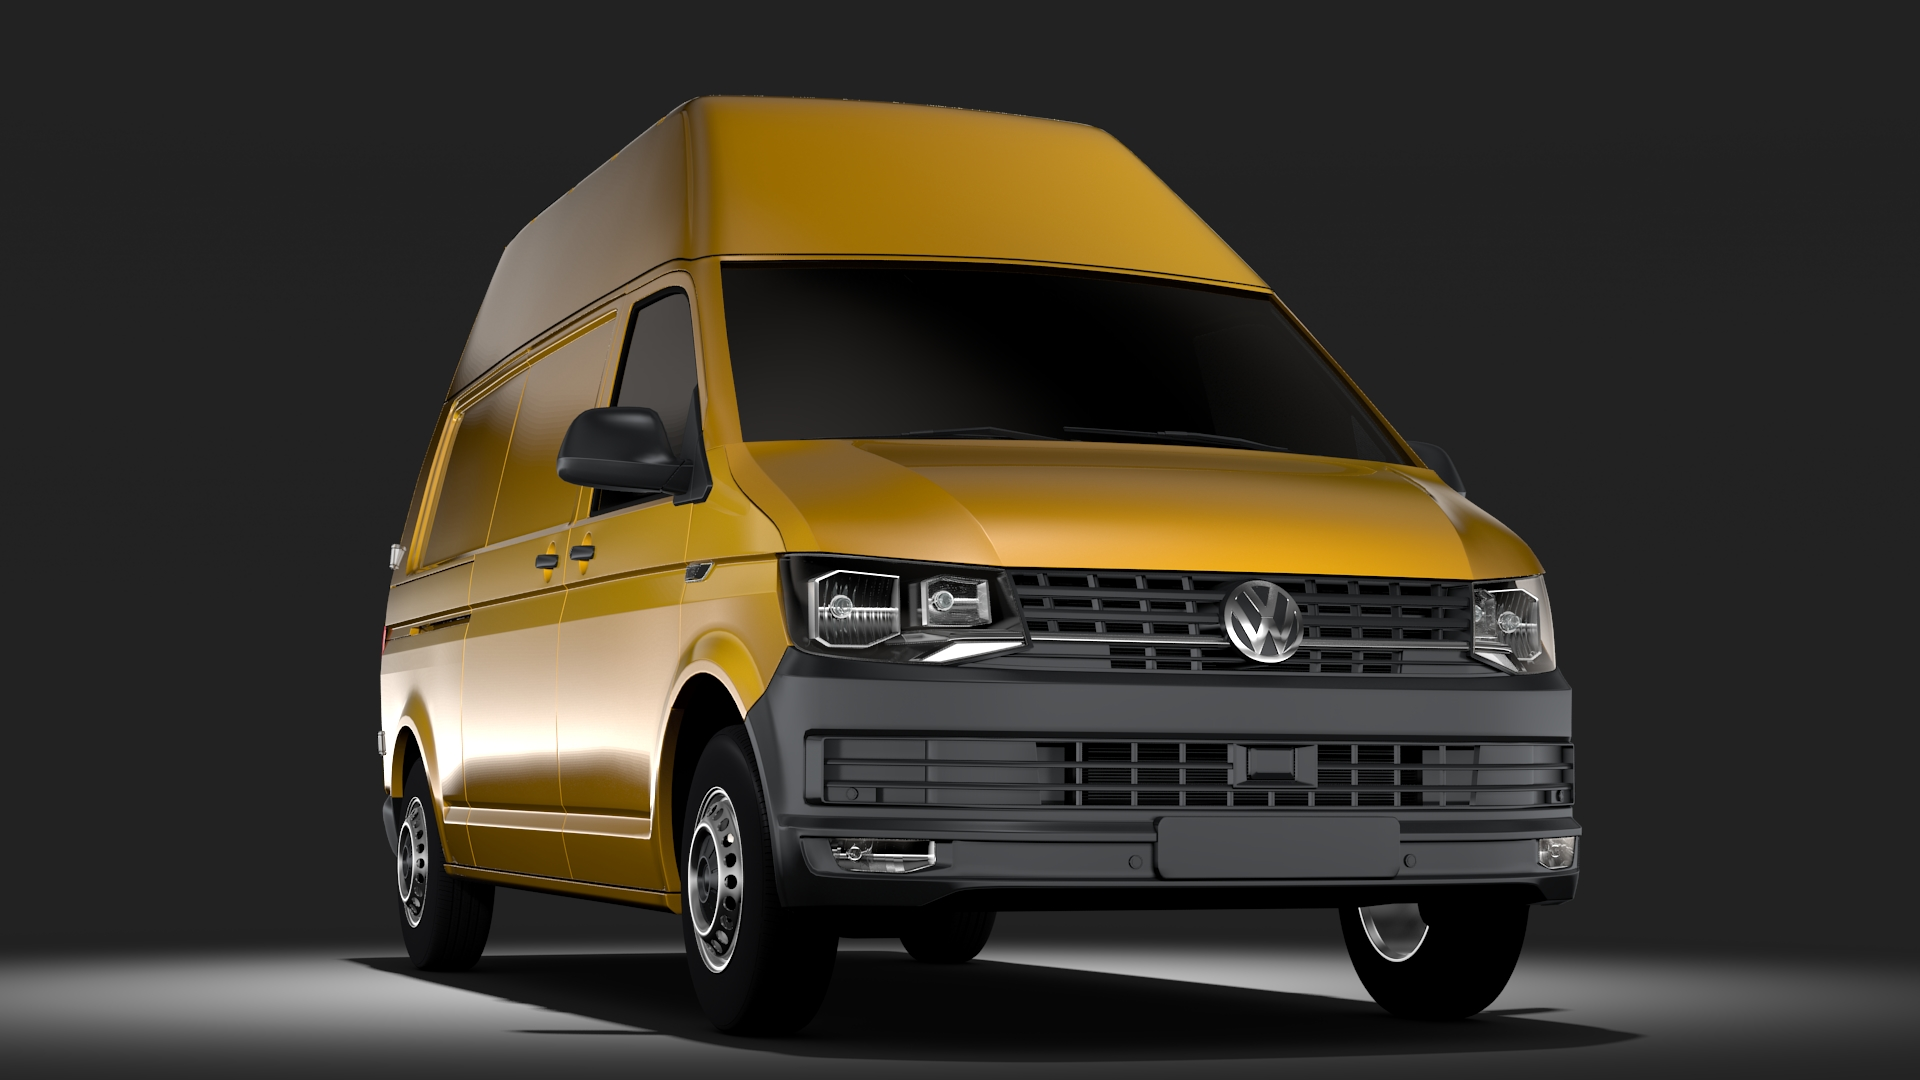 volkswagen transporter van l2h3 t6 2017 3d model max fbx c4d lwo ma mb hrc xsi obj 275288